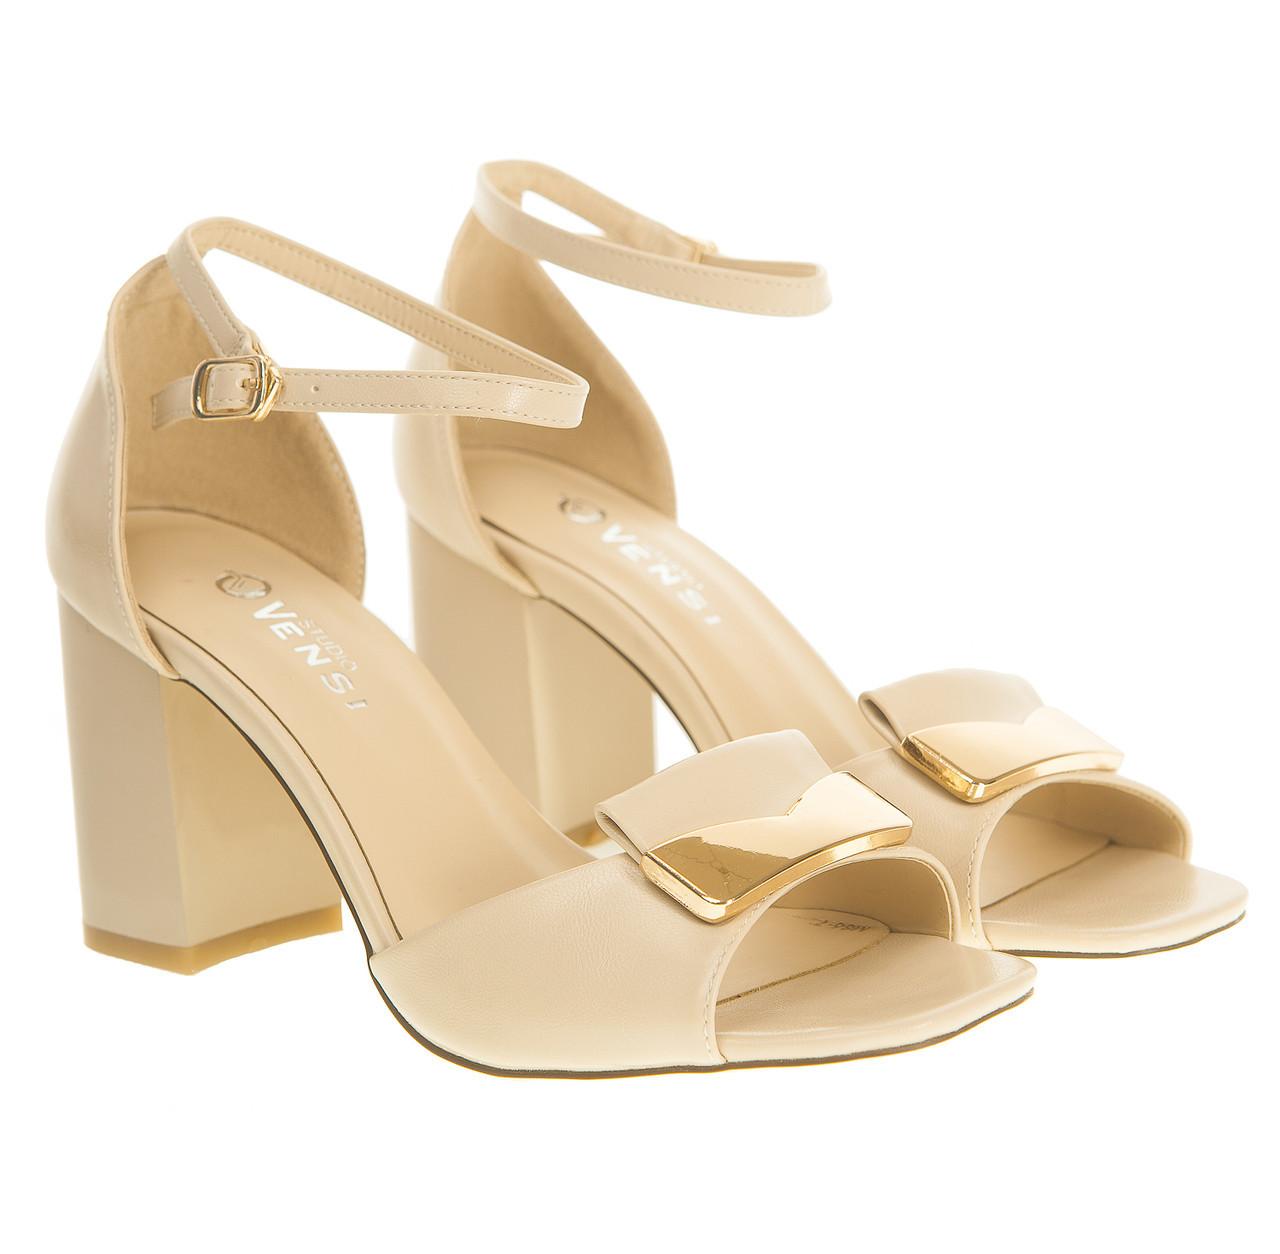 014a91119 Босоножки женские Vensi (бежевые, стильные, на каблуке, с модным декором) -